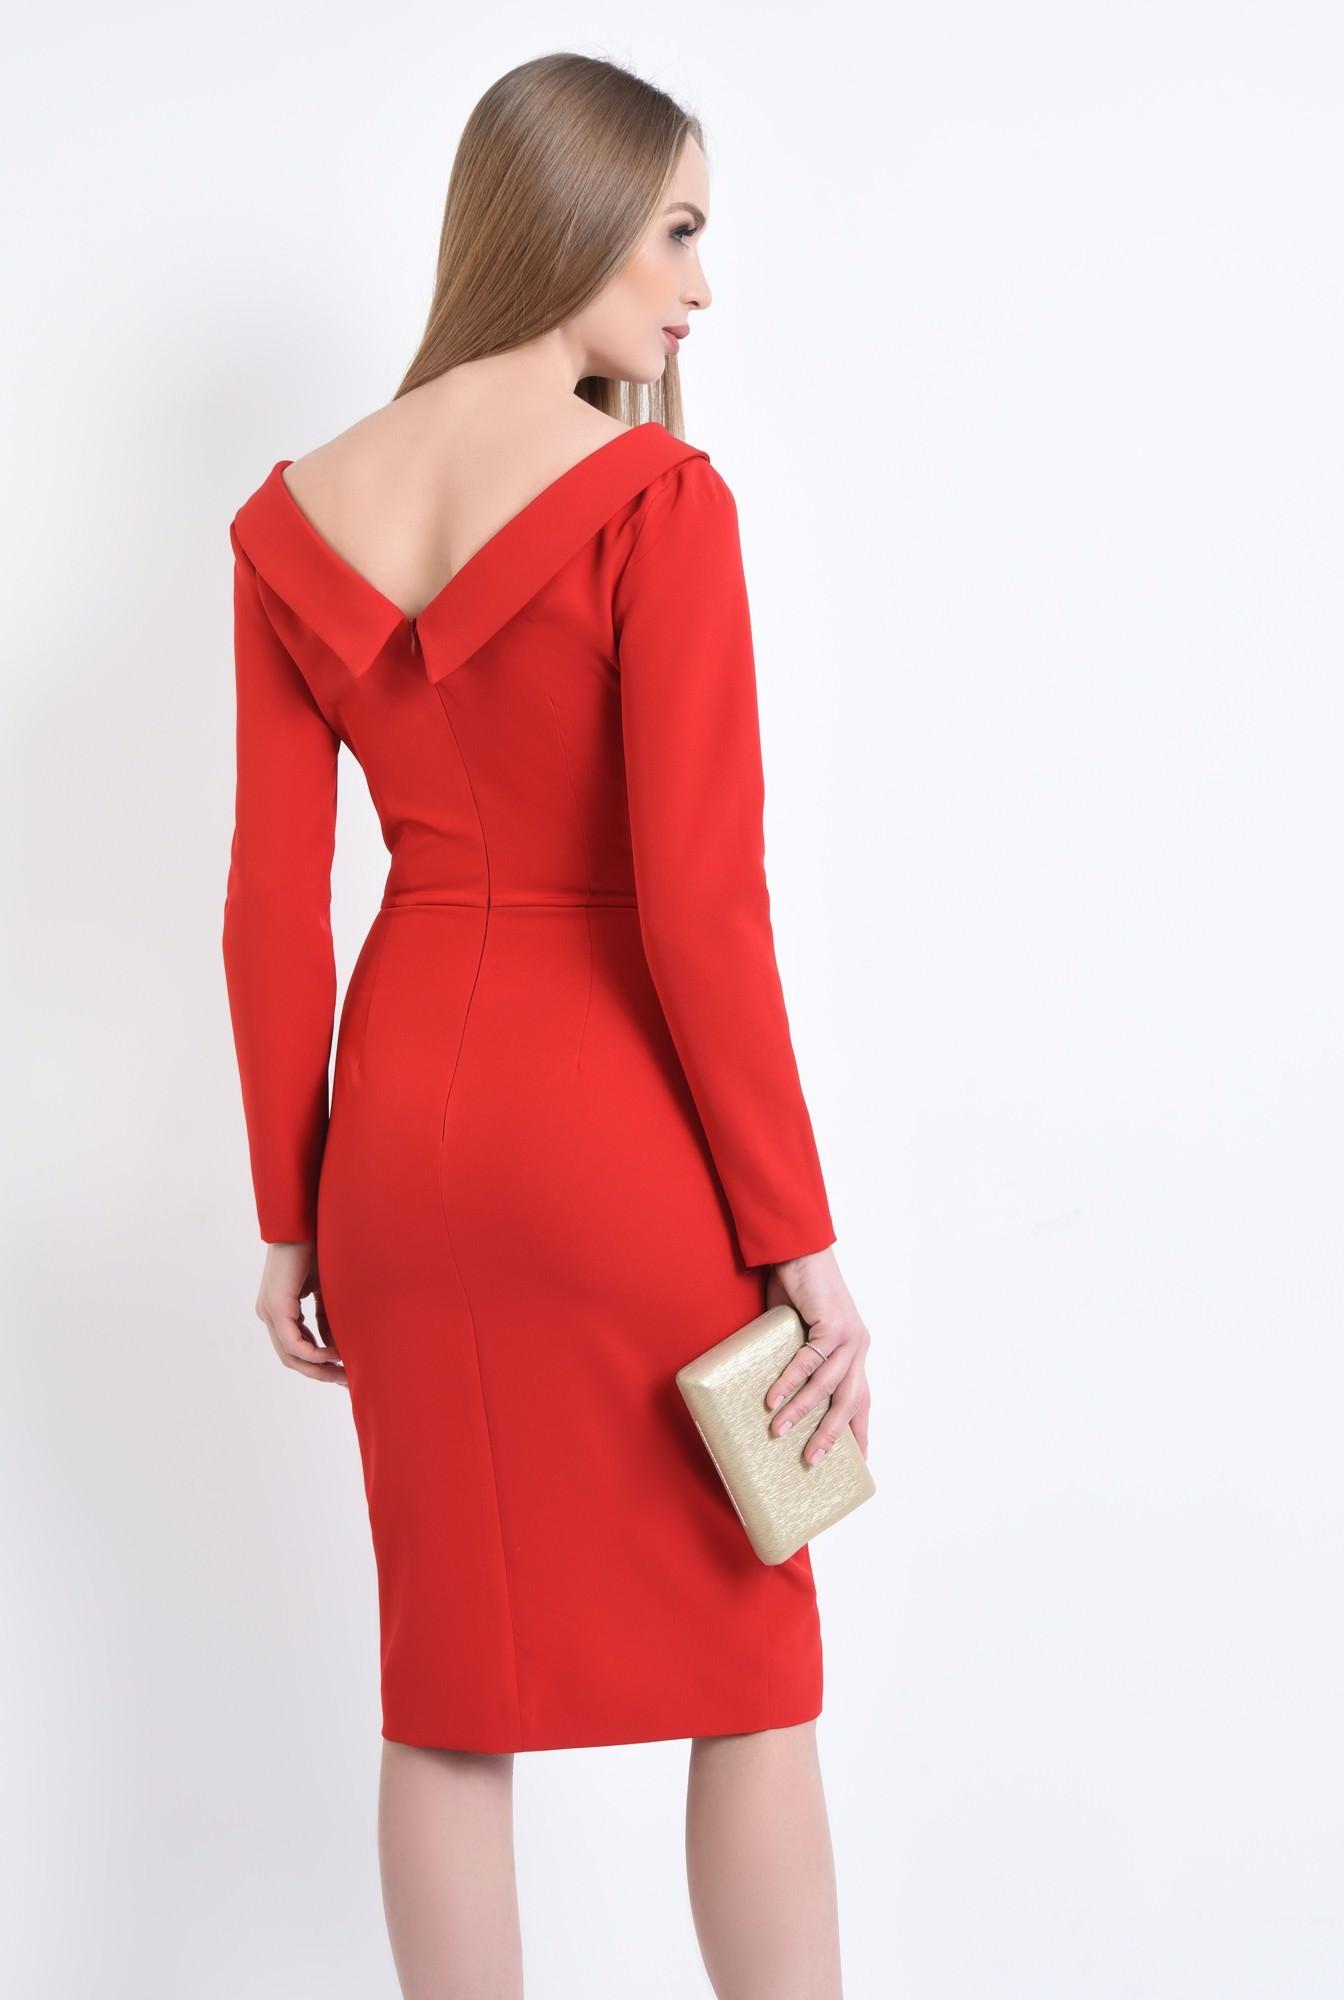 1 - Rochie eleganta rosie, midi